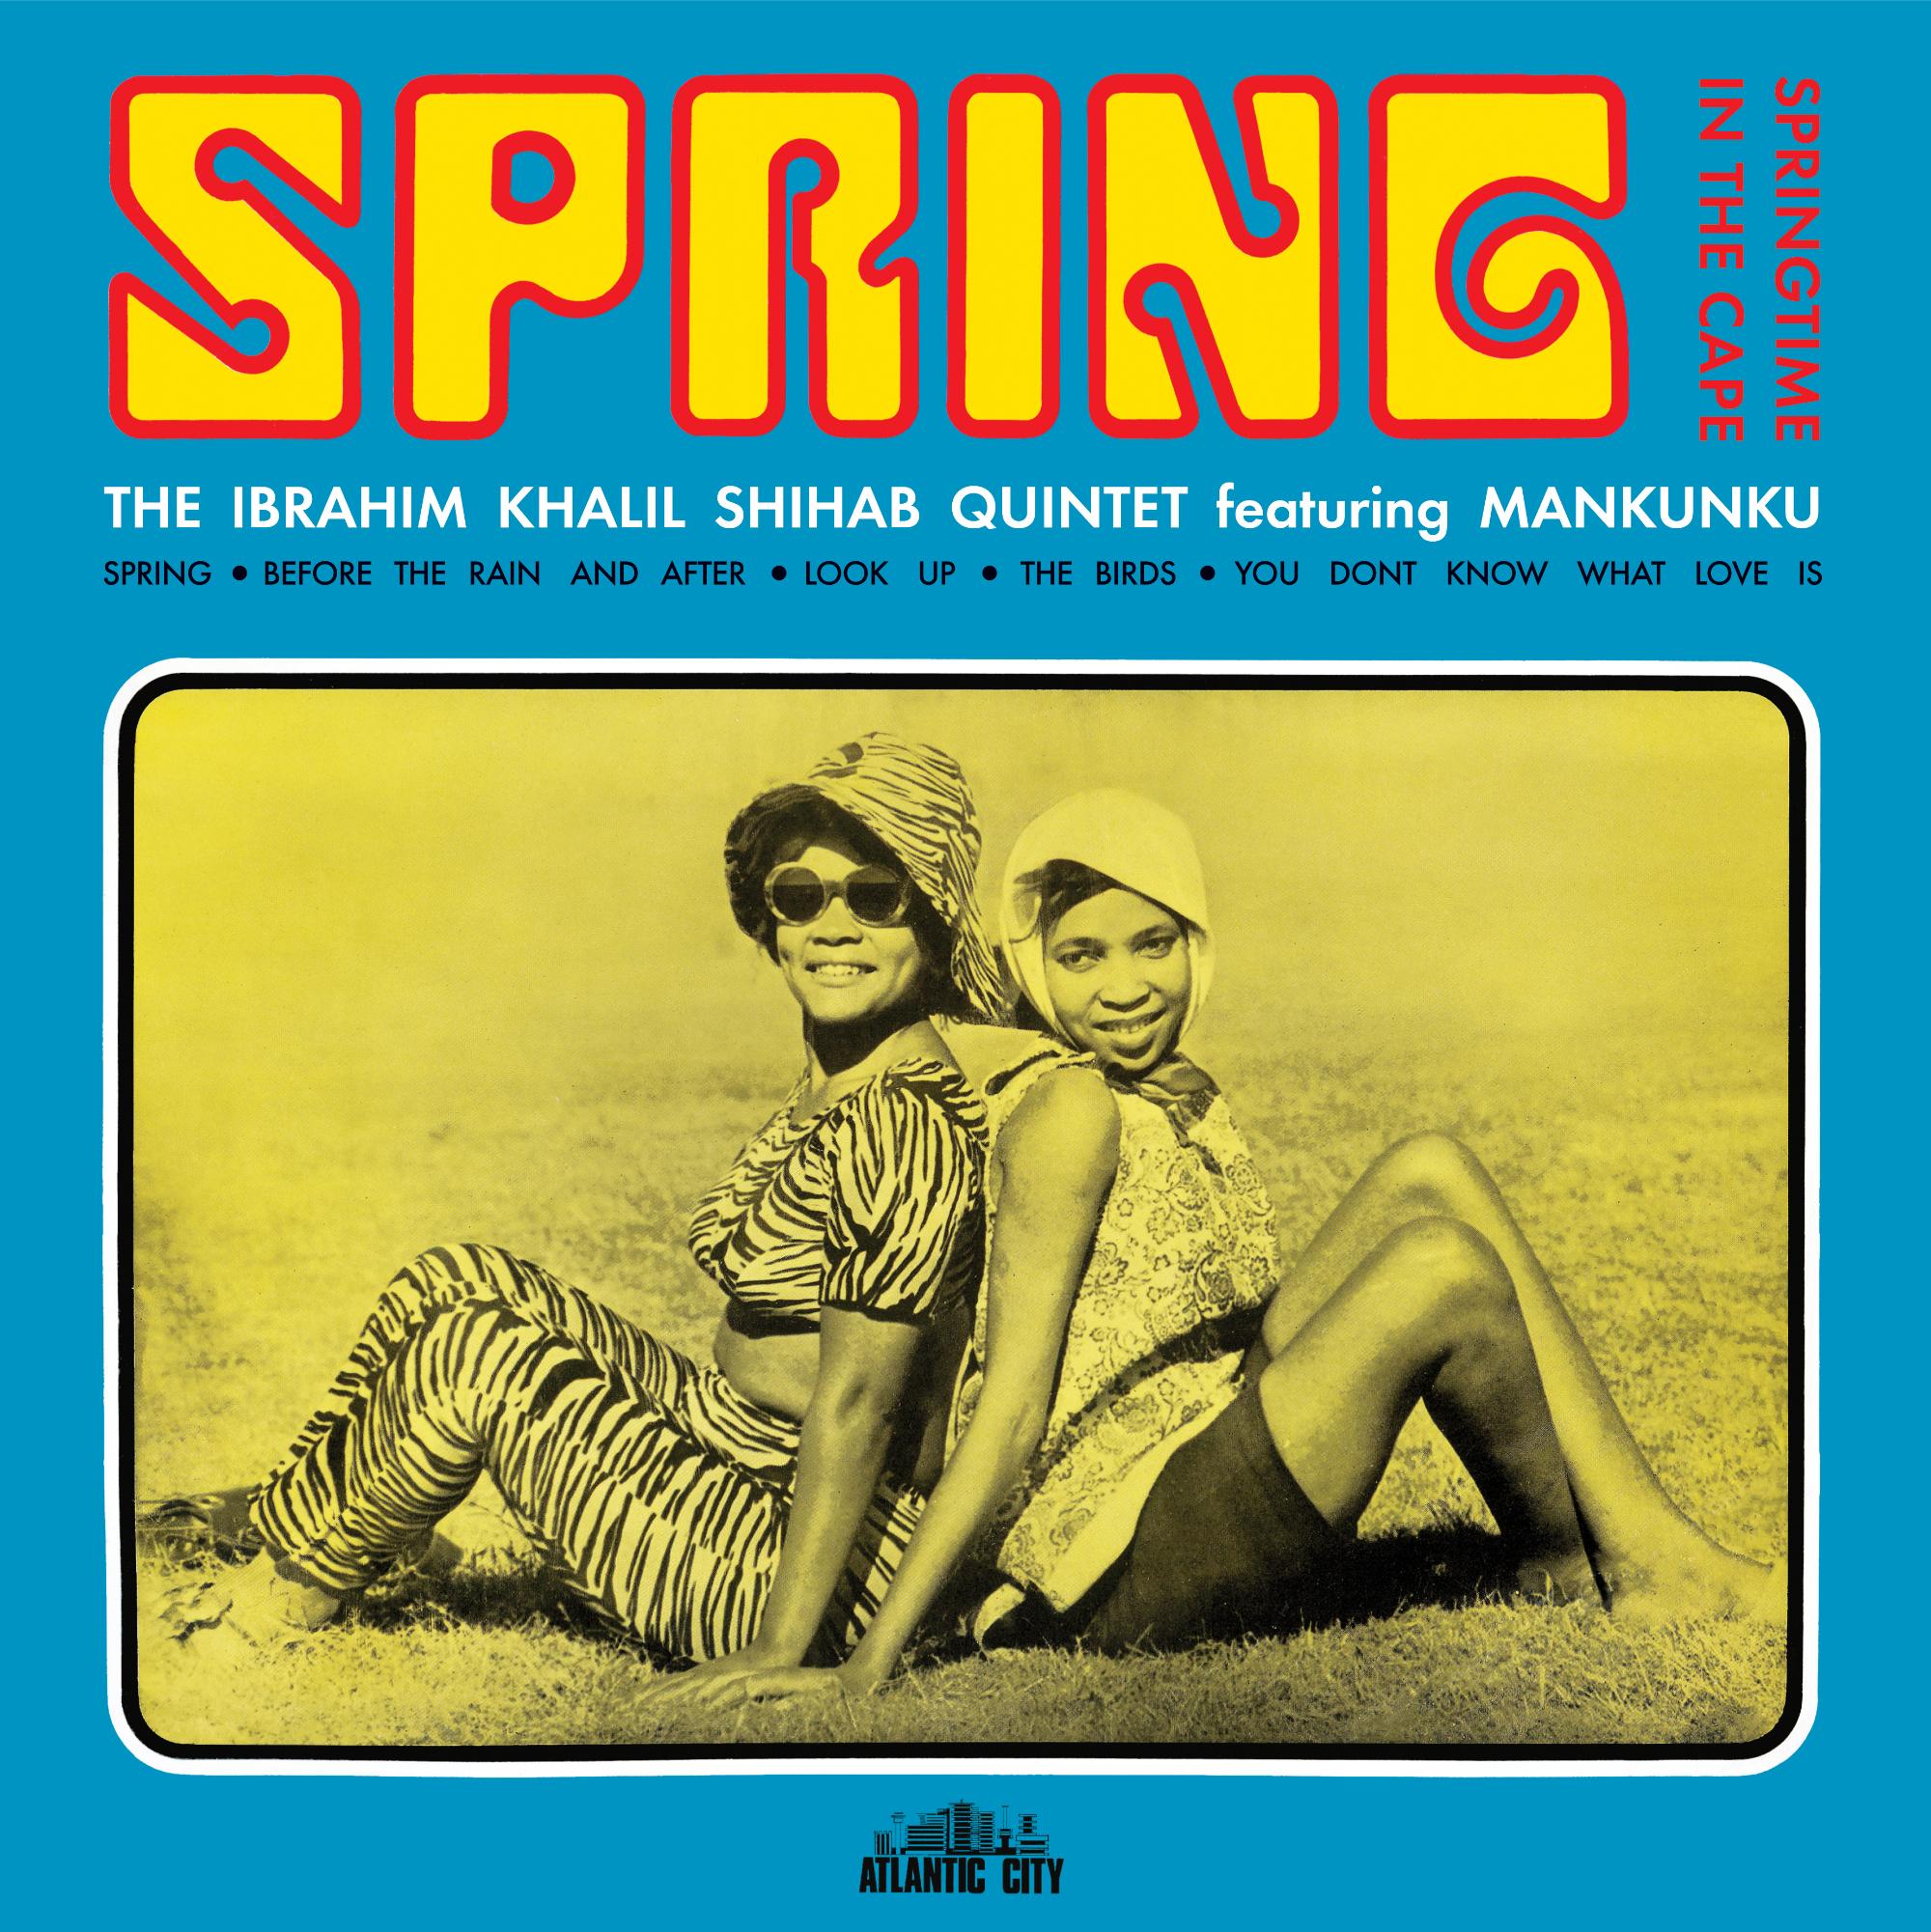 Spring The Ibrahim Khalil Shihab Quintet